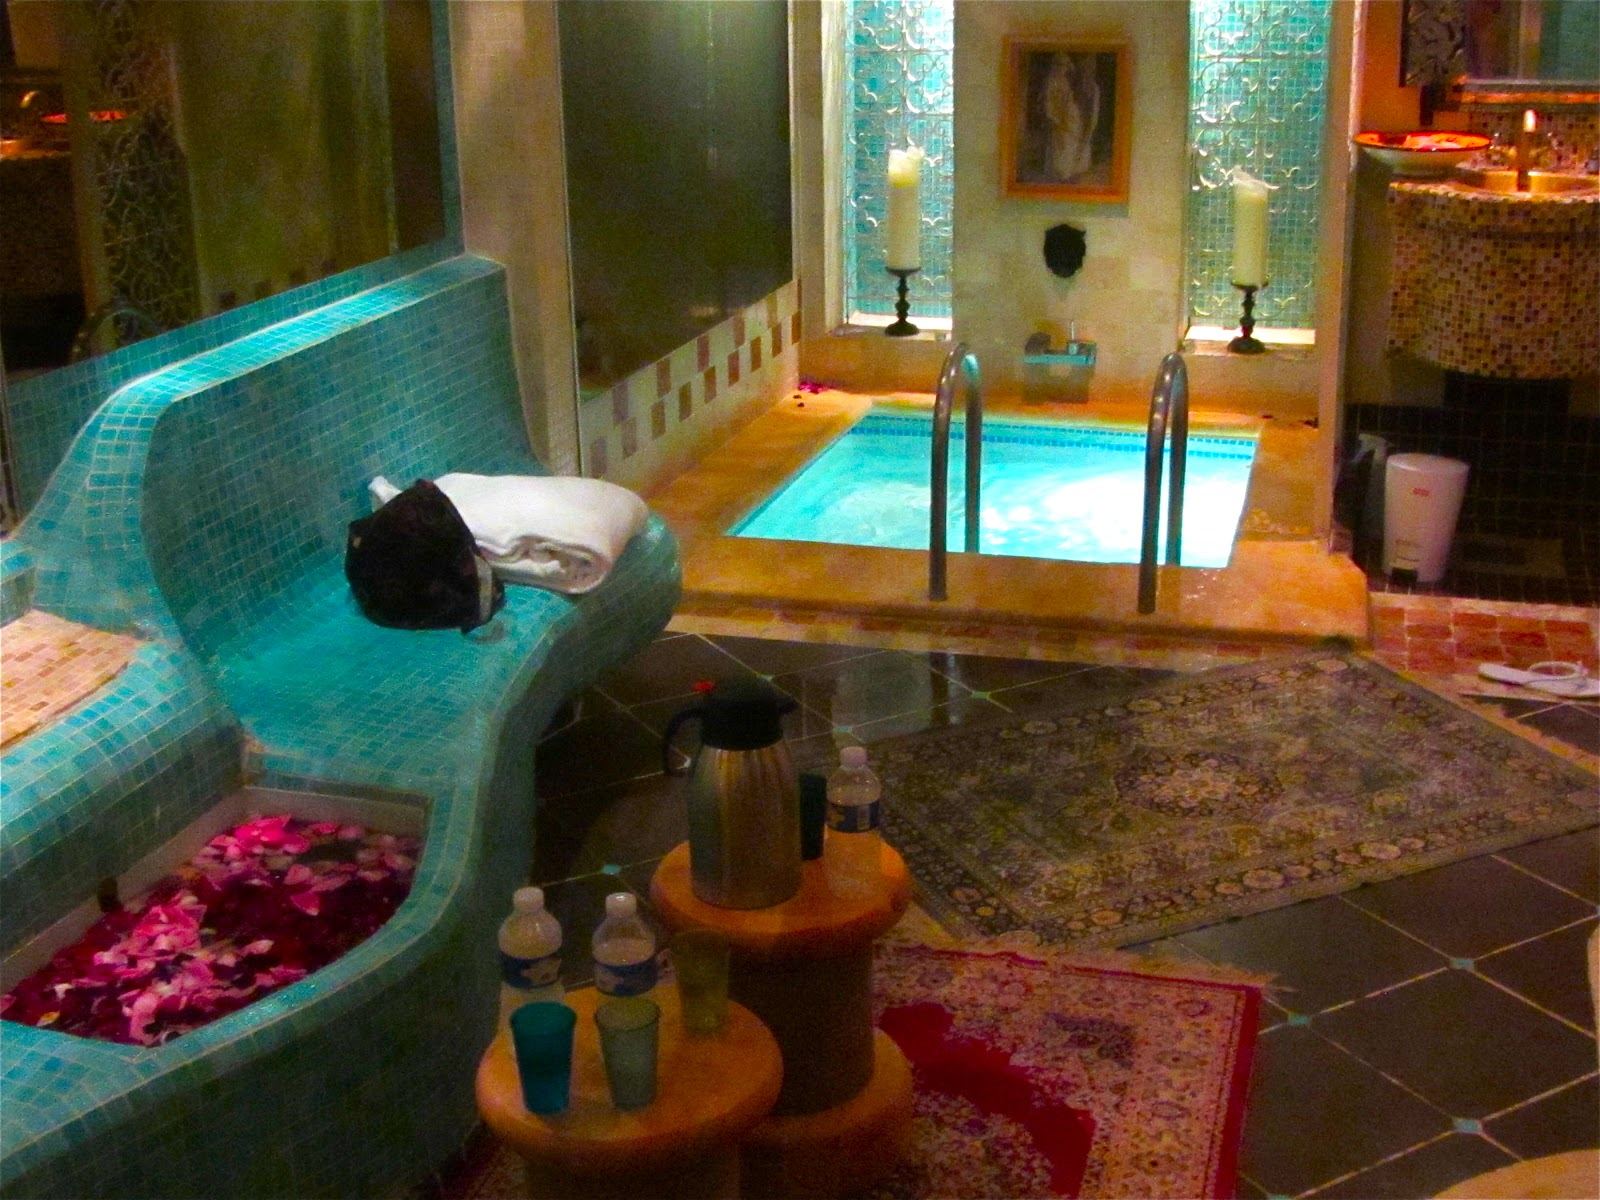 sens et le dire aux bains montorgueil heureux comme un 55 rue de montorgueil dans l 39 eau. Black Bedroom Furniture Sets. Home Design Ideas